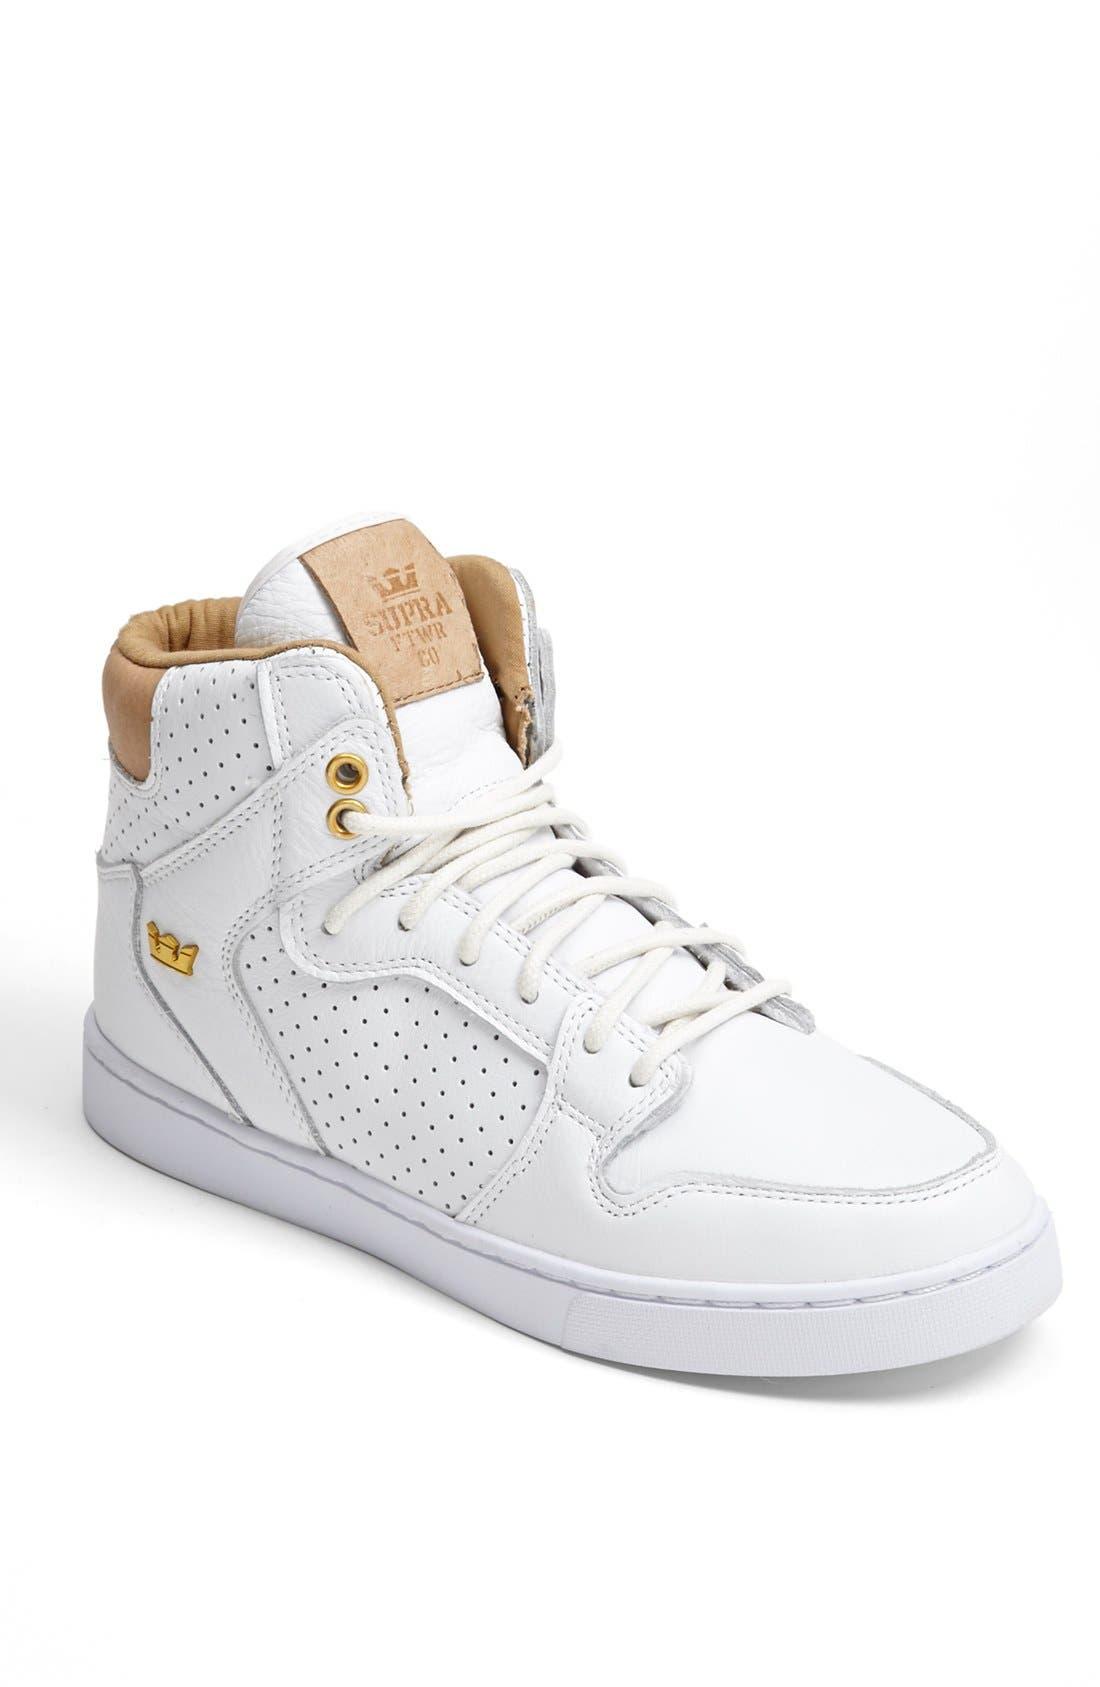 Alternate Image 1 Selected - Supra 'Vaider LX' Sneaker (Men)